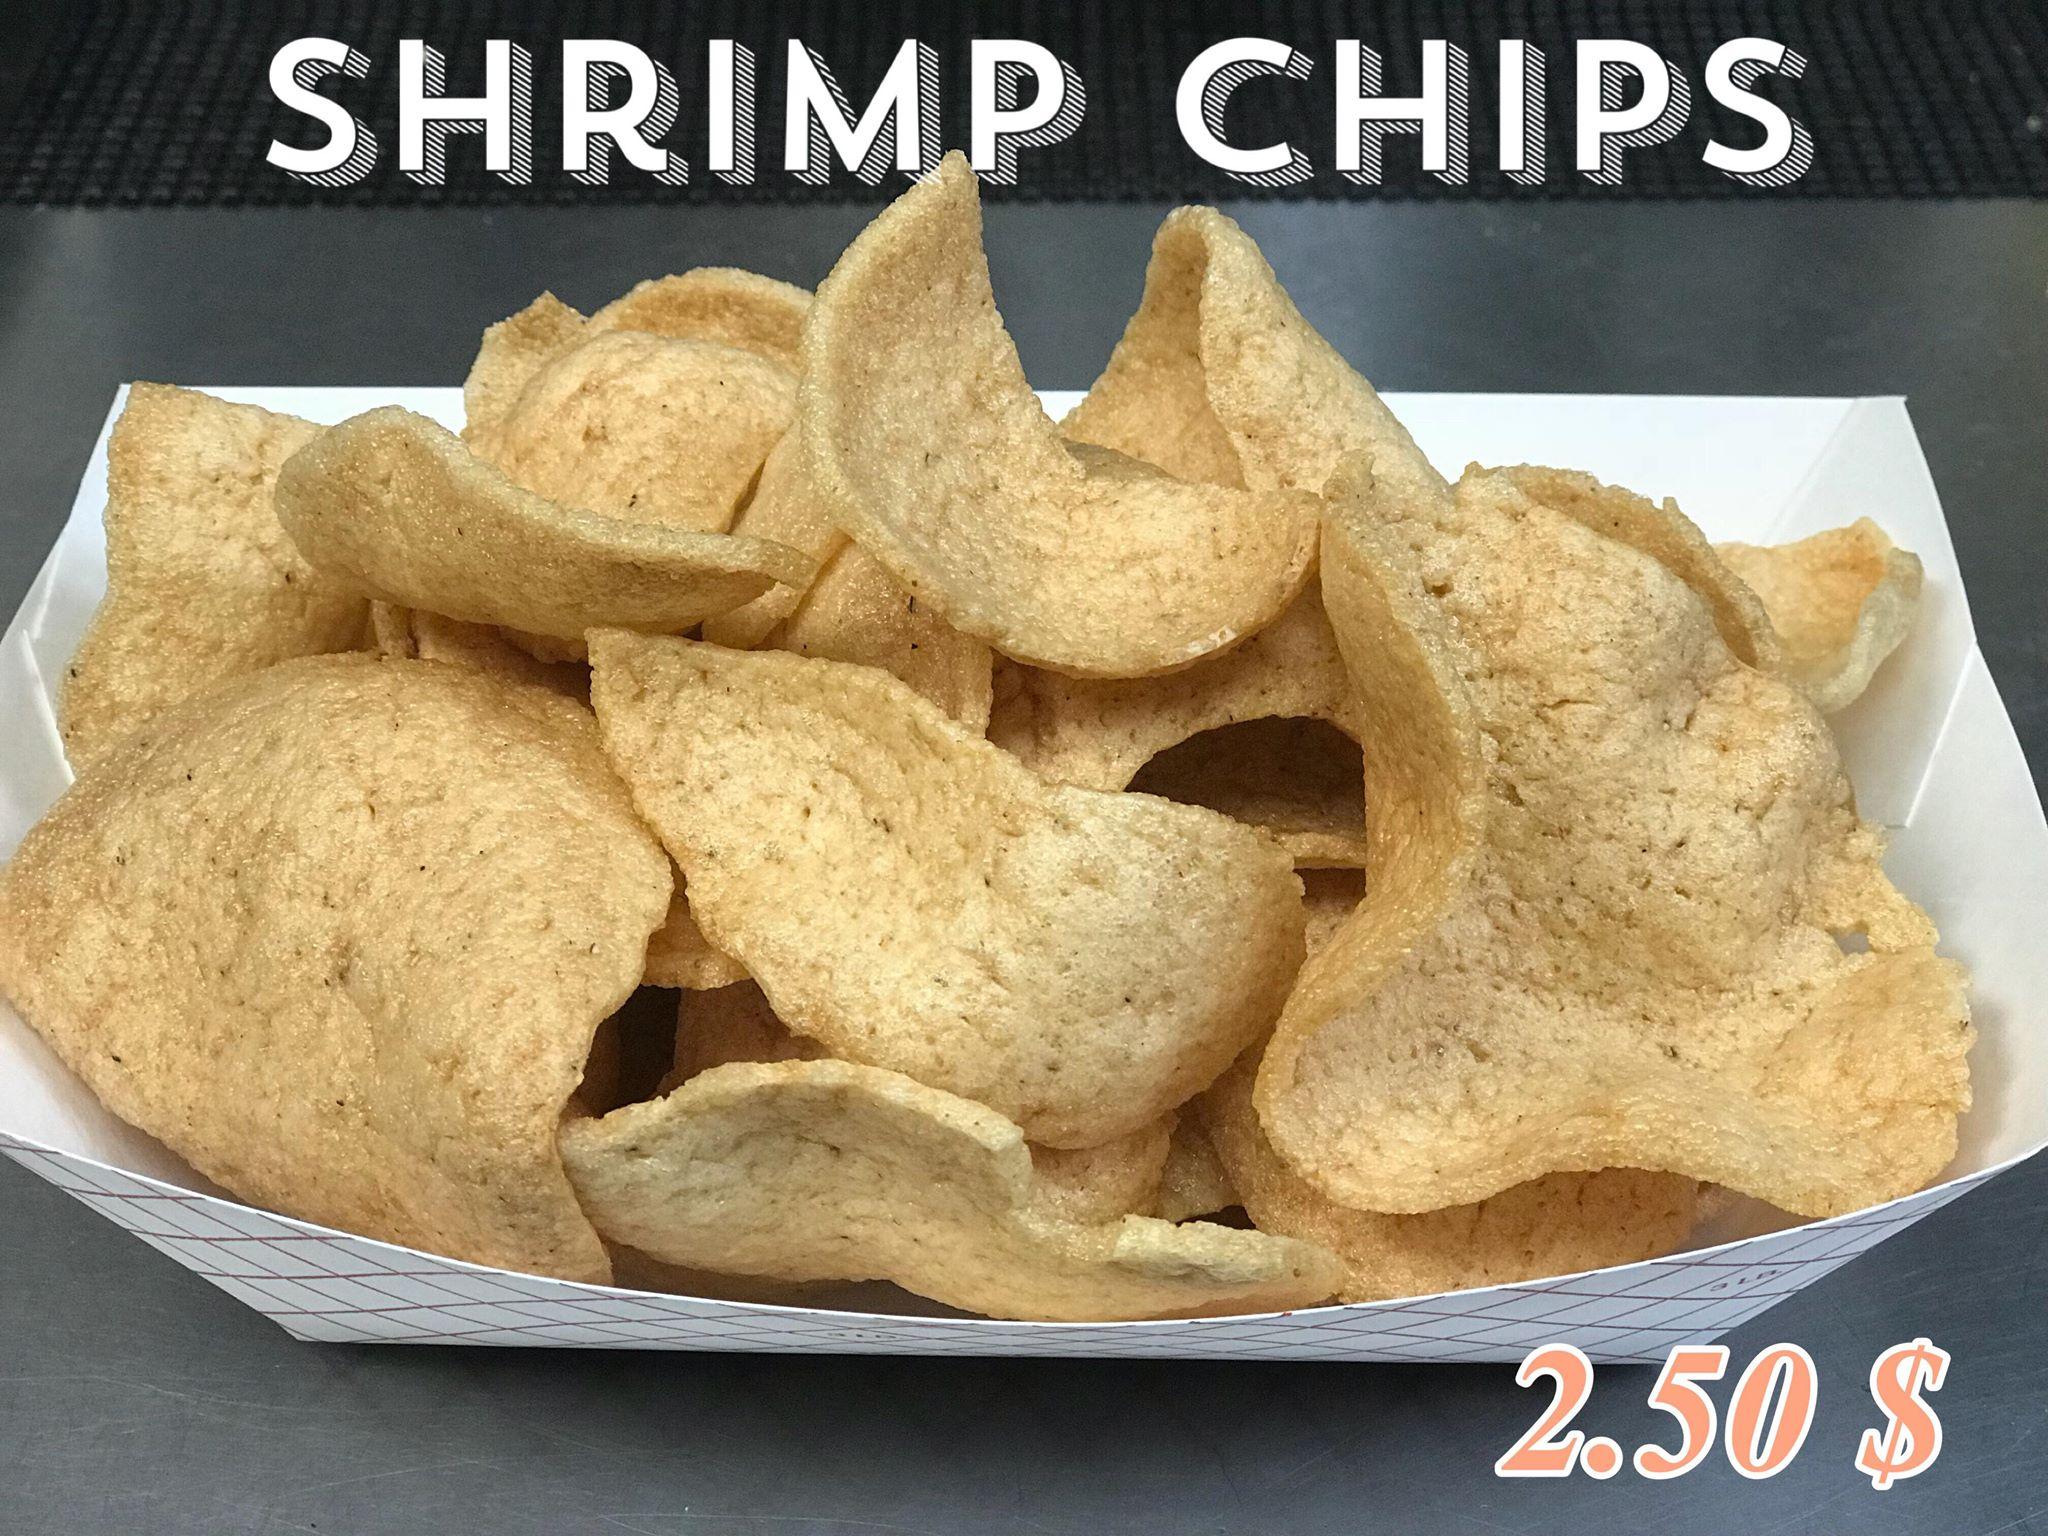 Shrimp Chips Image